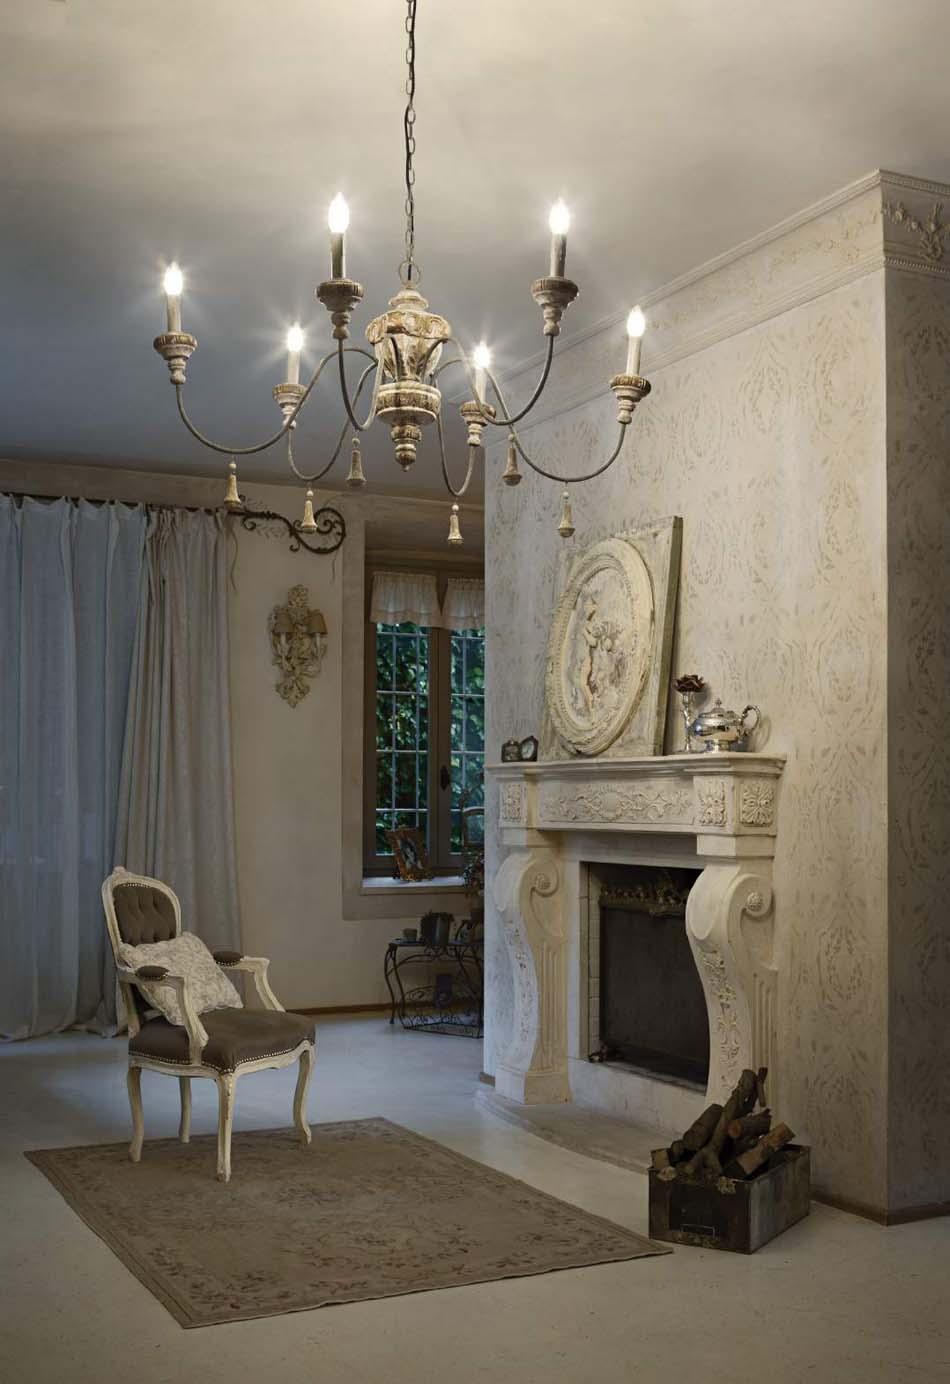 Lampade 20 sospensione Classico Ideal Lux edith – Bruni Arredamenti